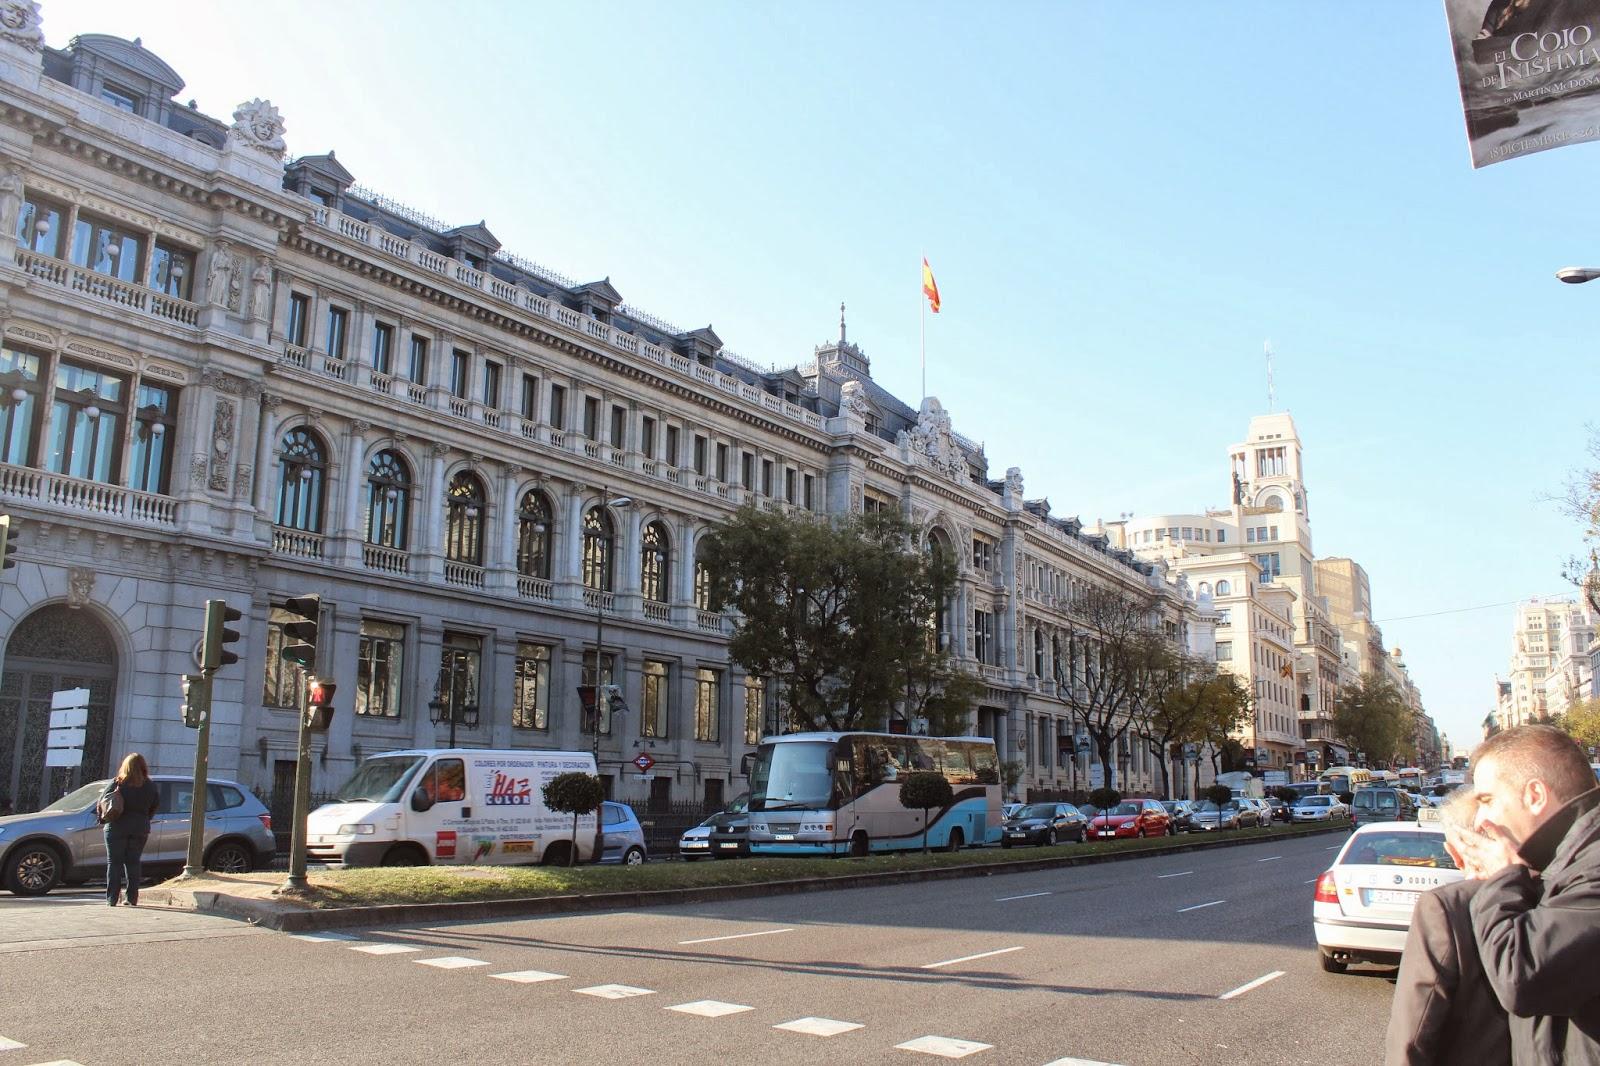 Madrid villa y corte calle alcal madrid - La chulapa de alcala madrid ...